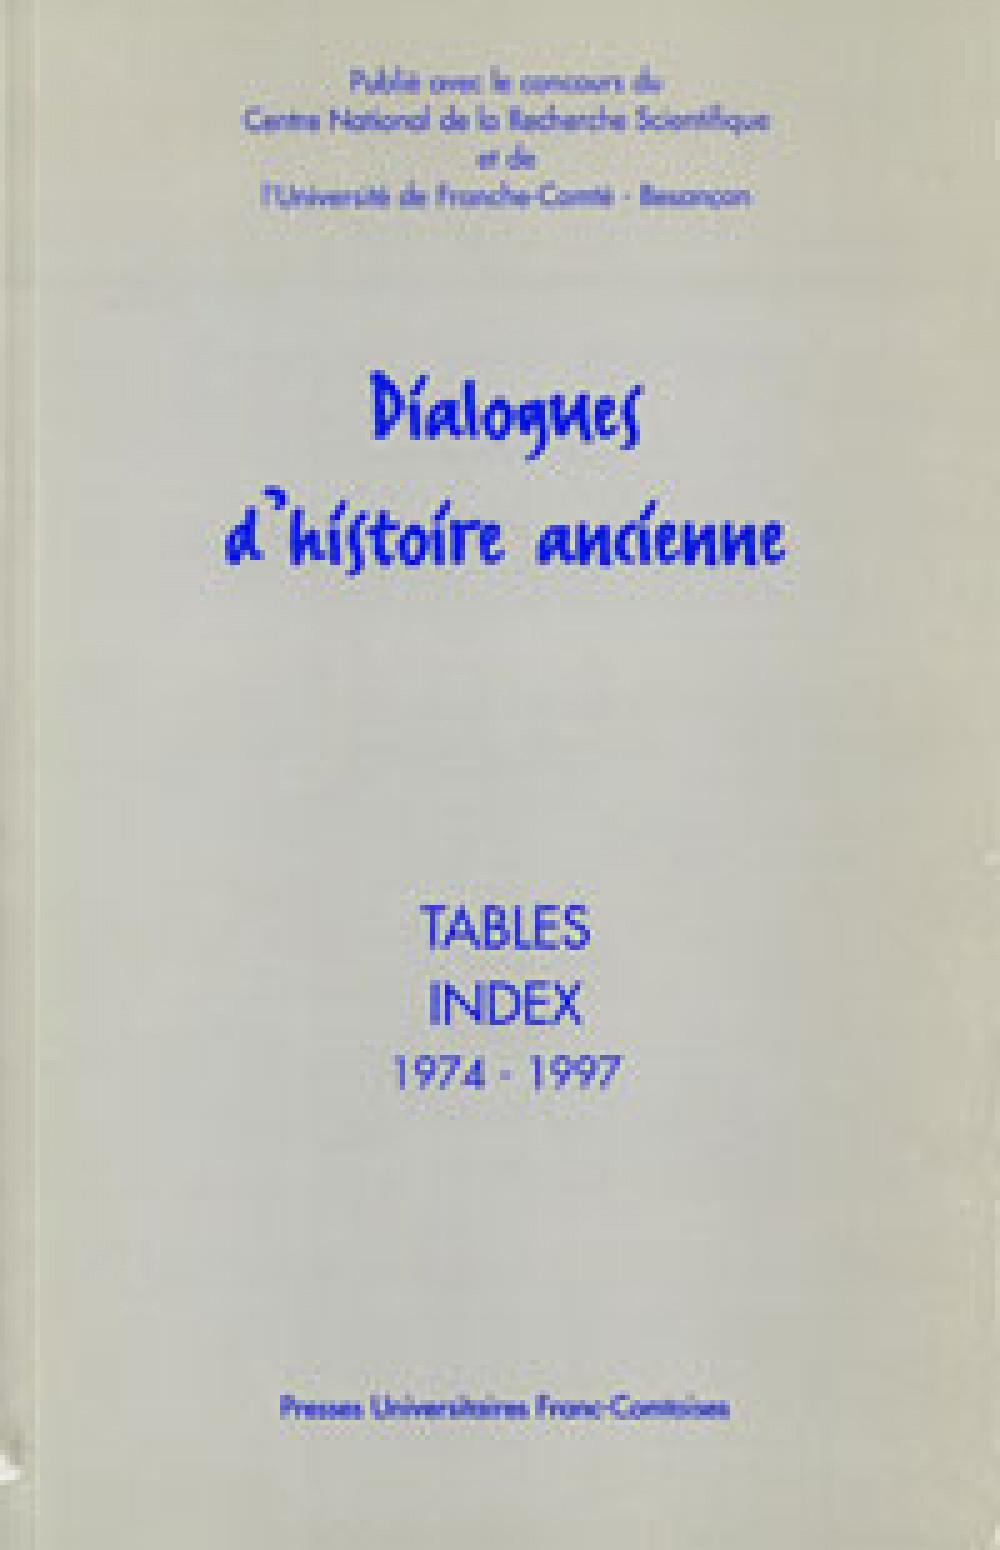 Dialogues d'Histoire Ancienne, Index (1974-1997)